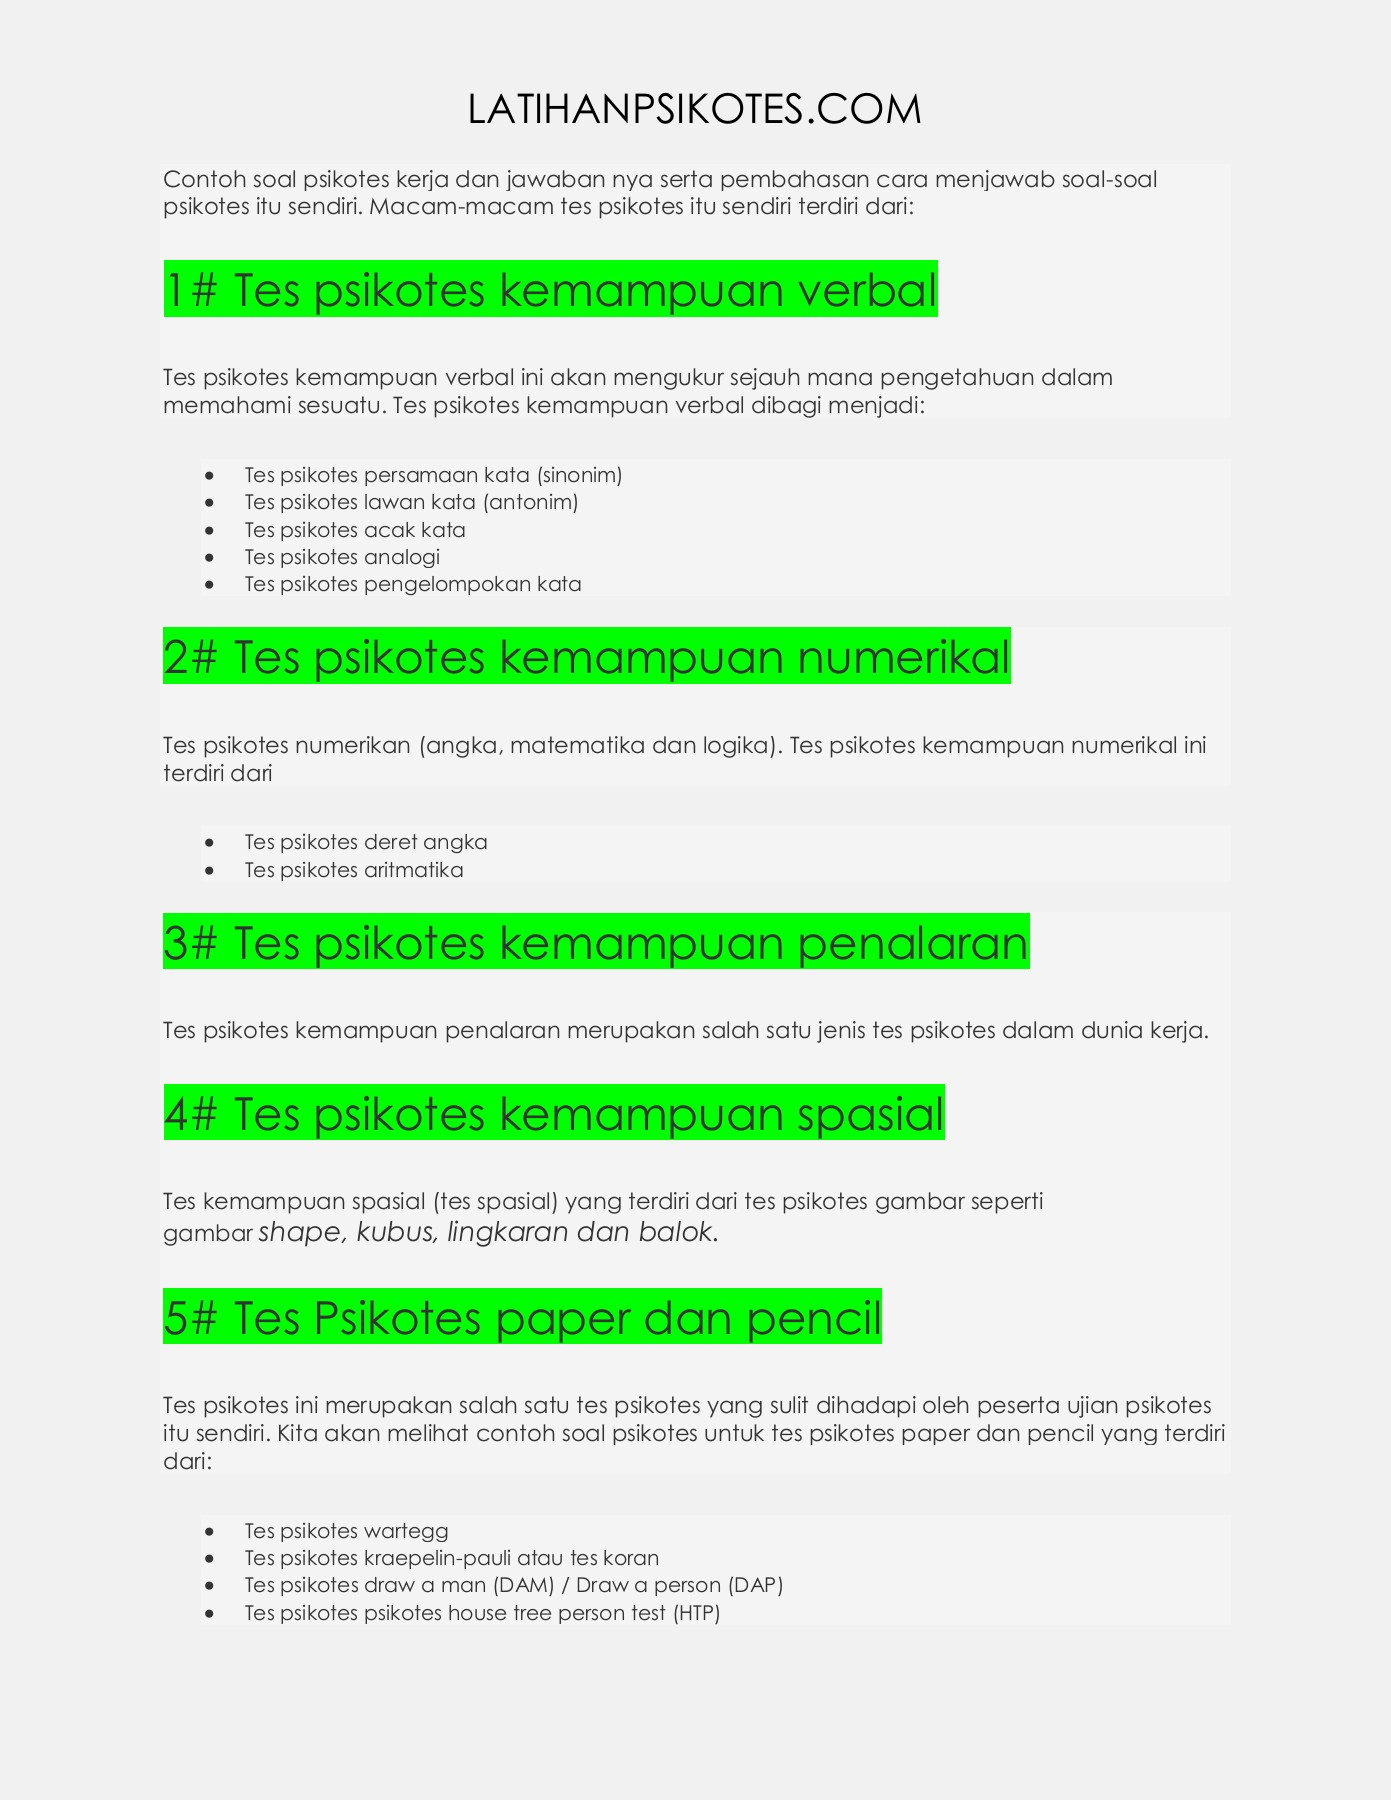 Contoh Soal Psikotest, Tips dan Cara Menjawabnya | Bimbel